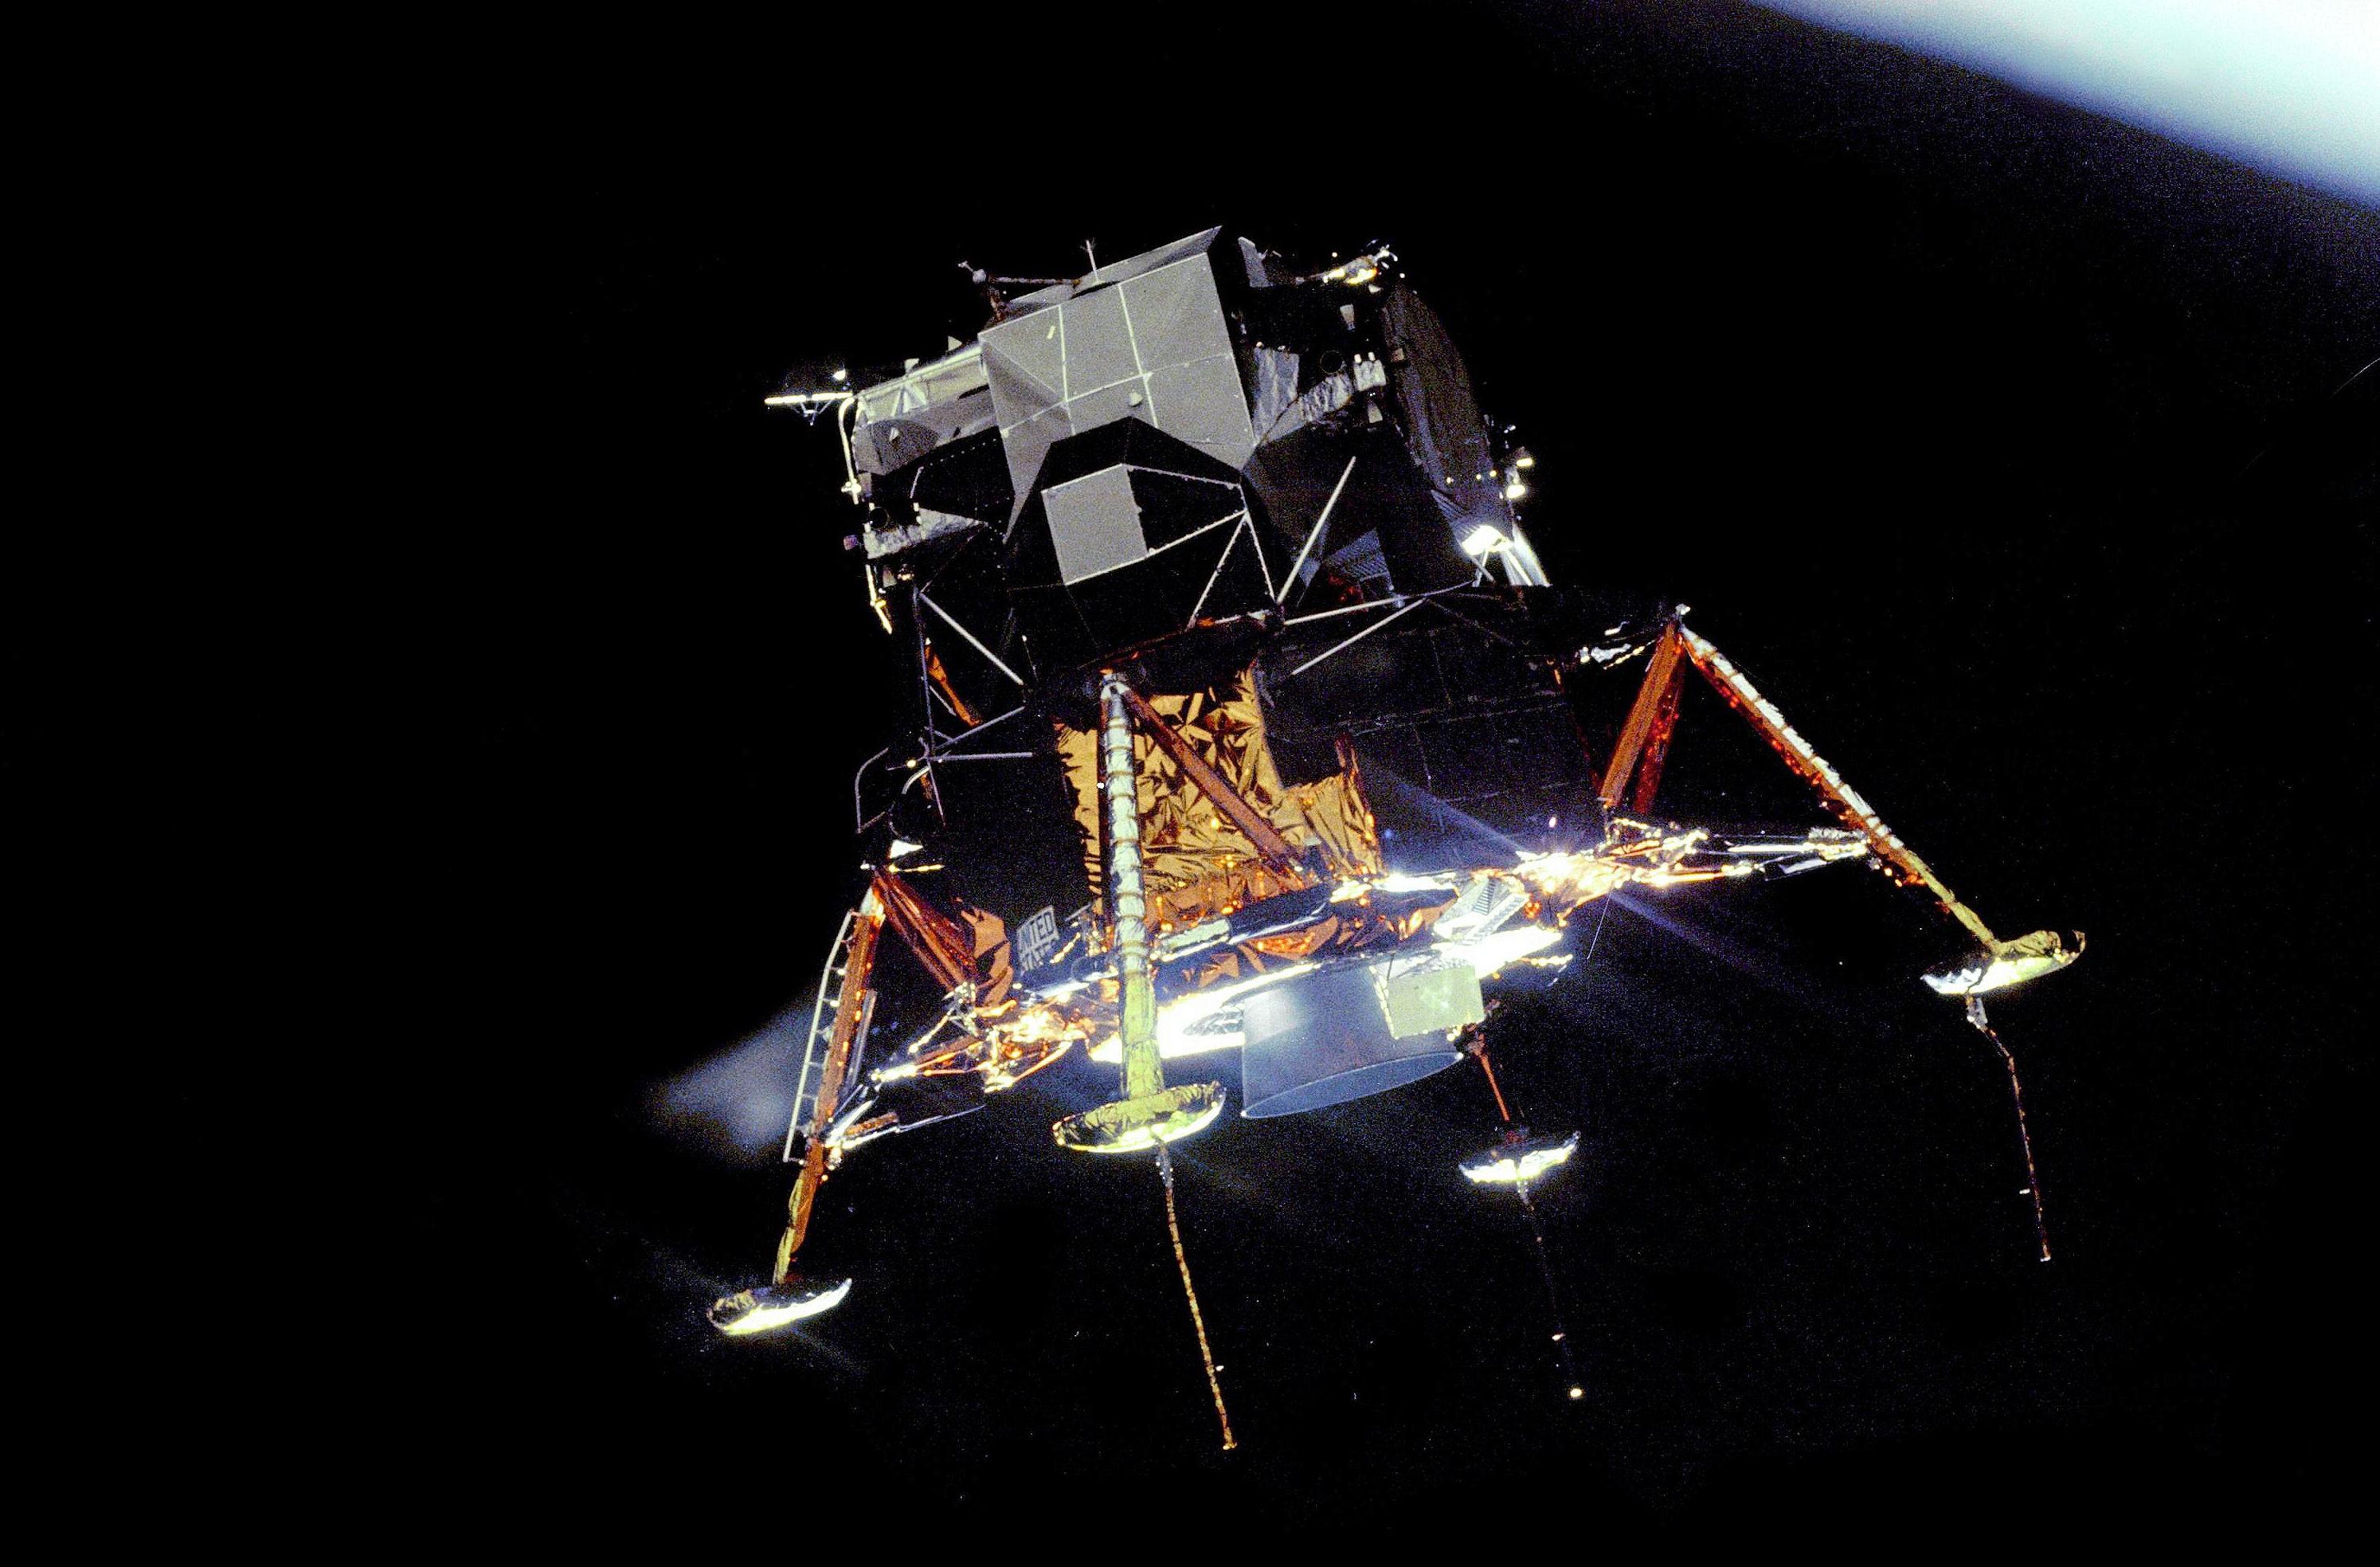 apollo 11 space mission - HD2988×1967